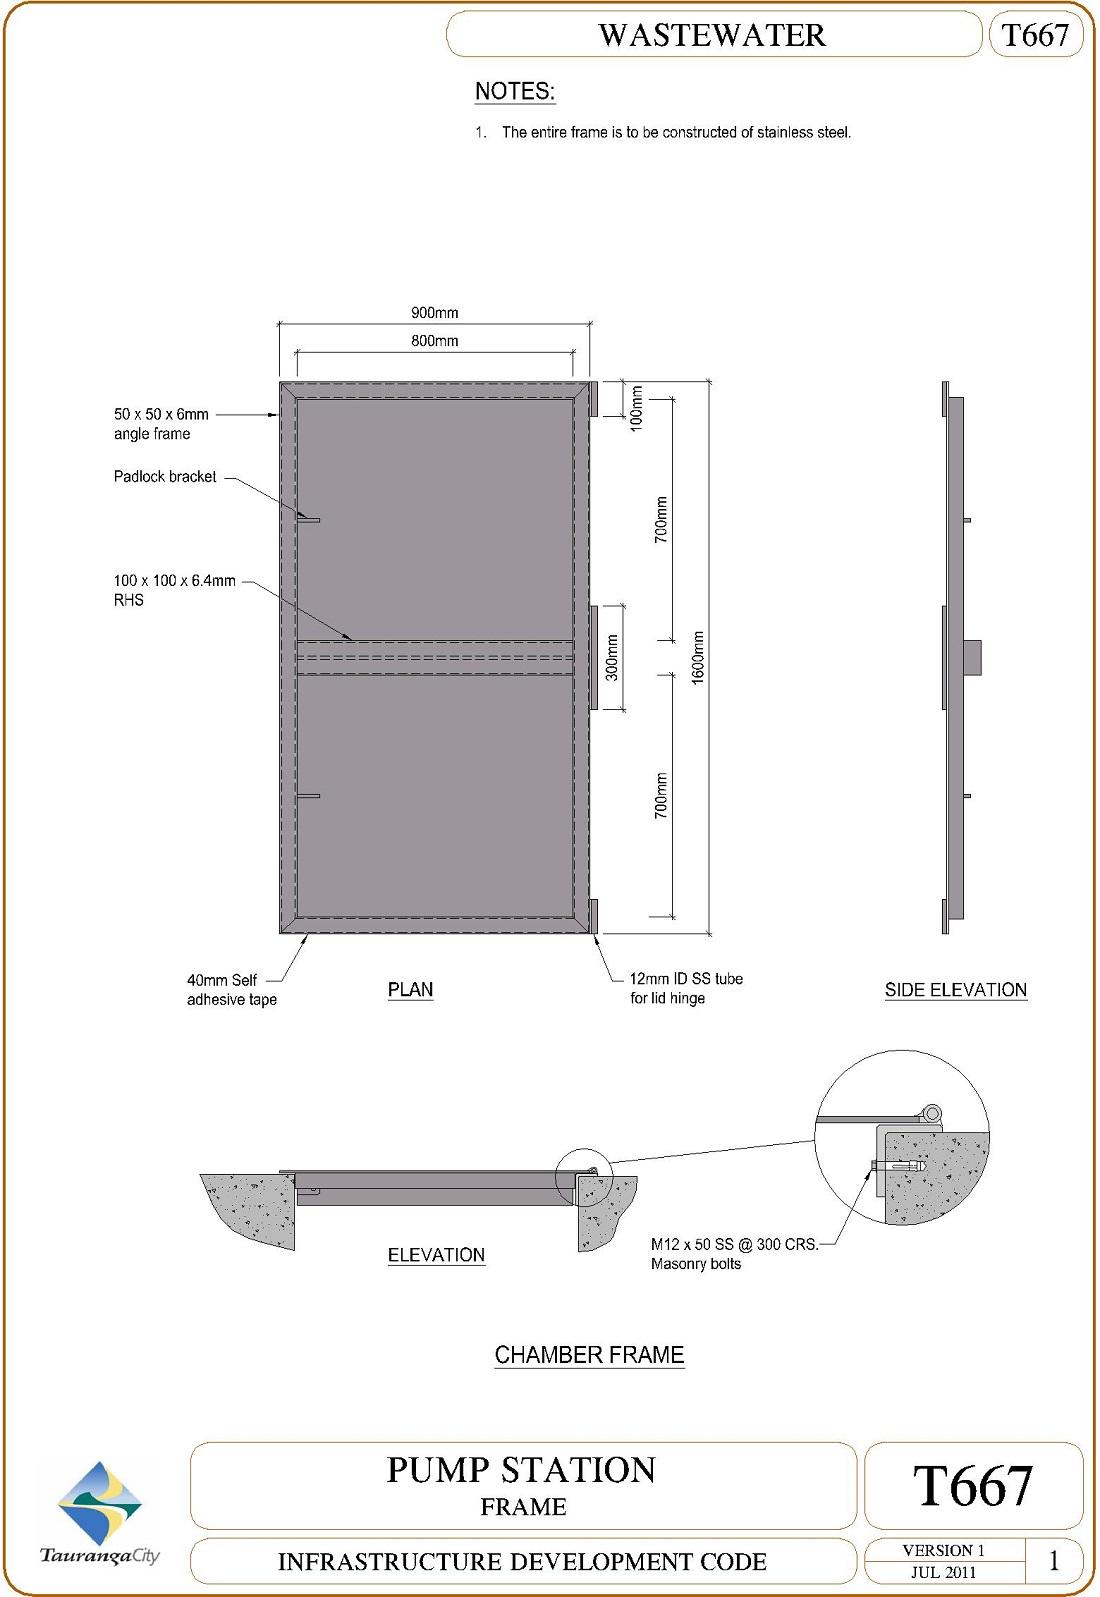 Pump Station - Frame